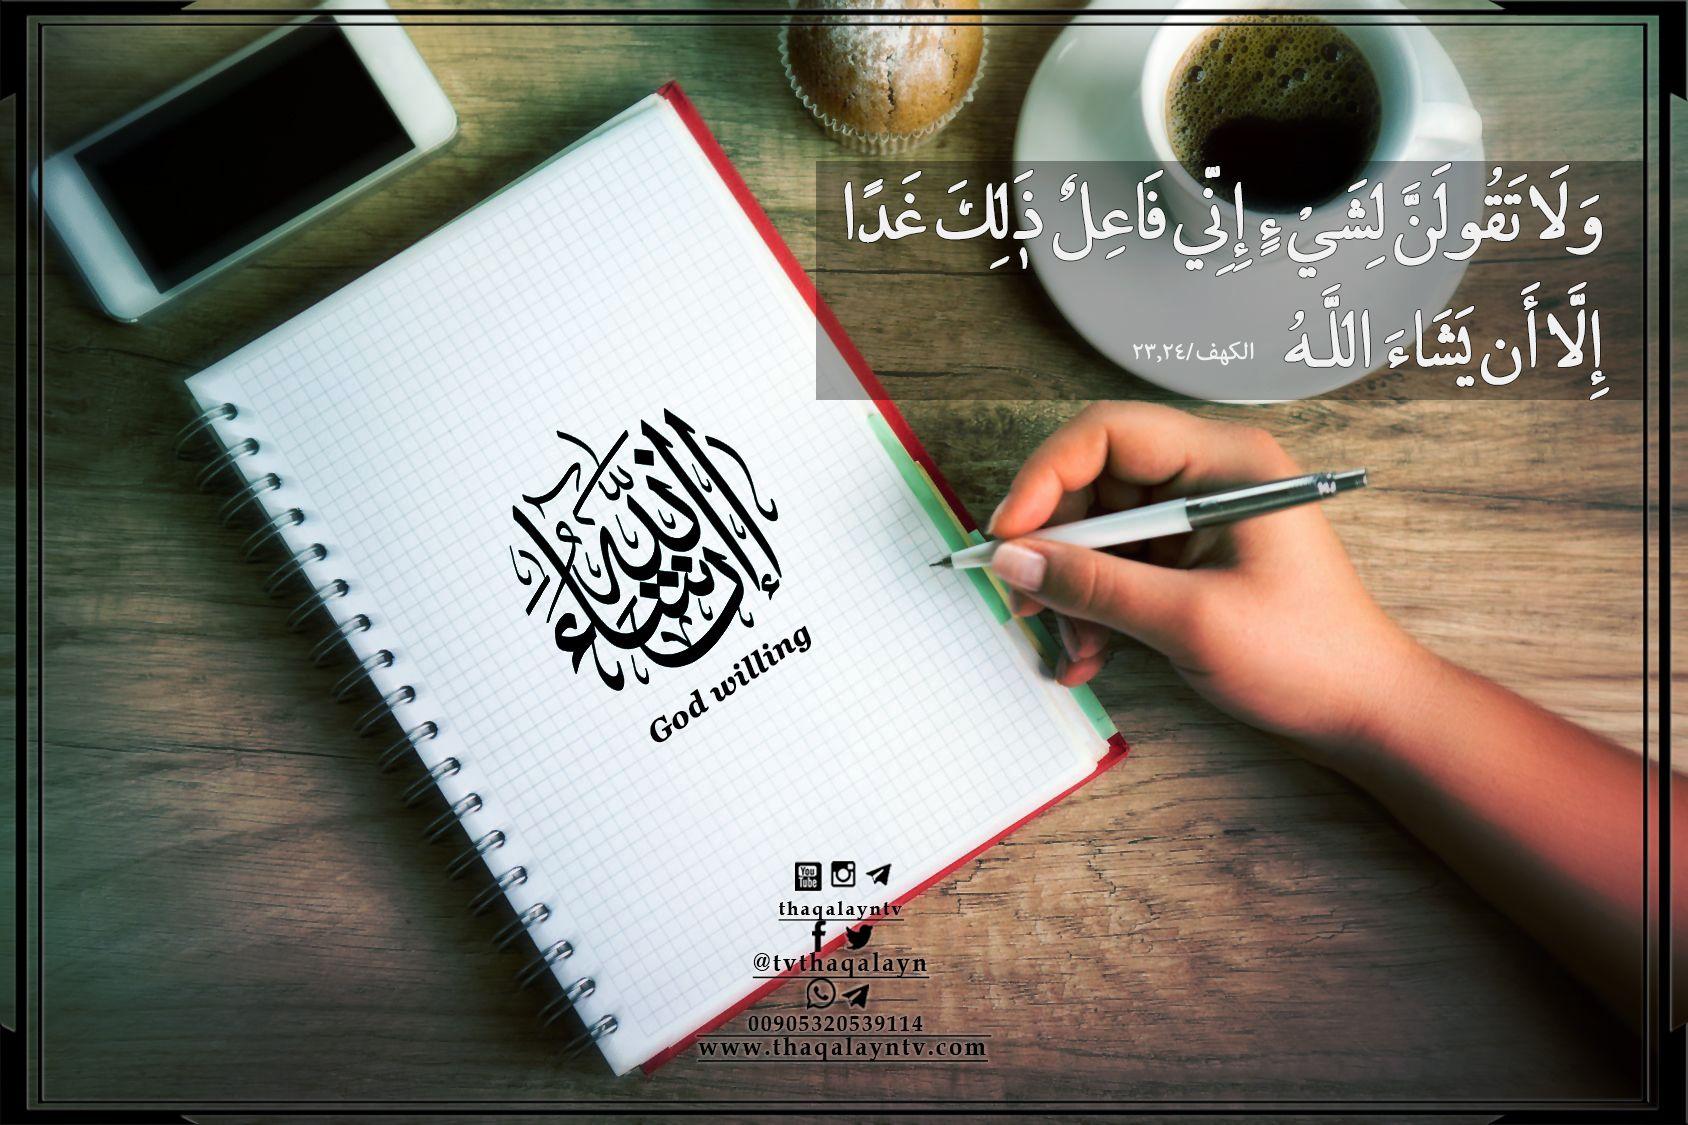 هناك أسلوب حياة نجده بين سطور القرآنالكريم ولا